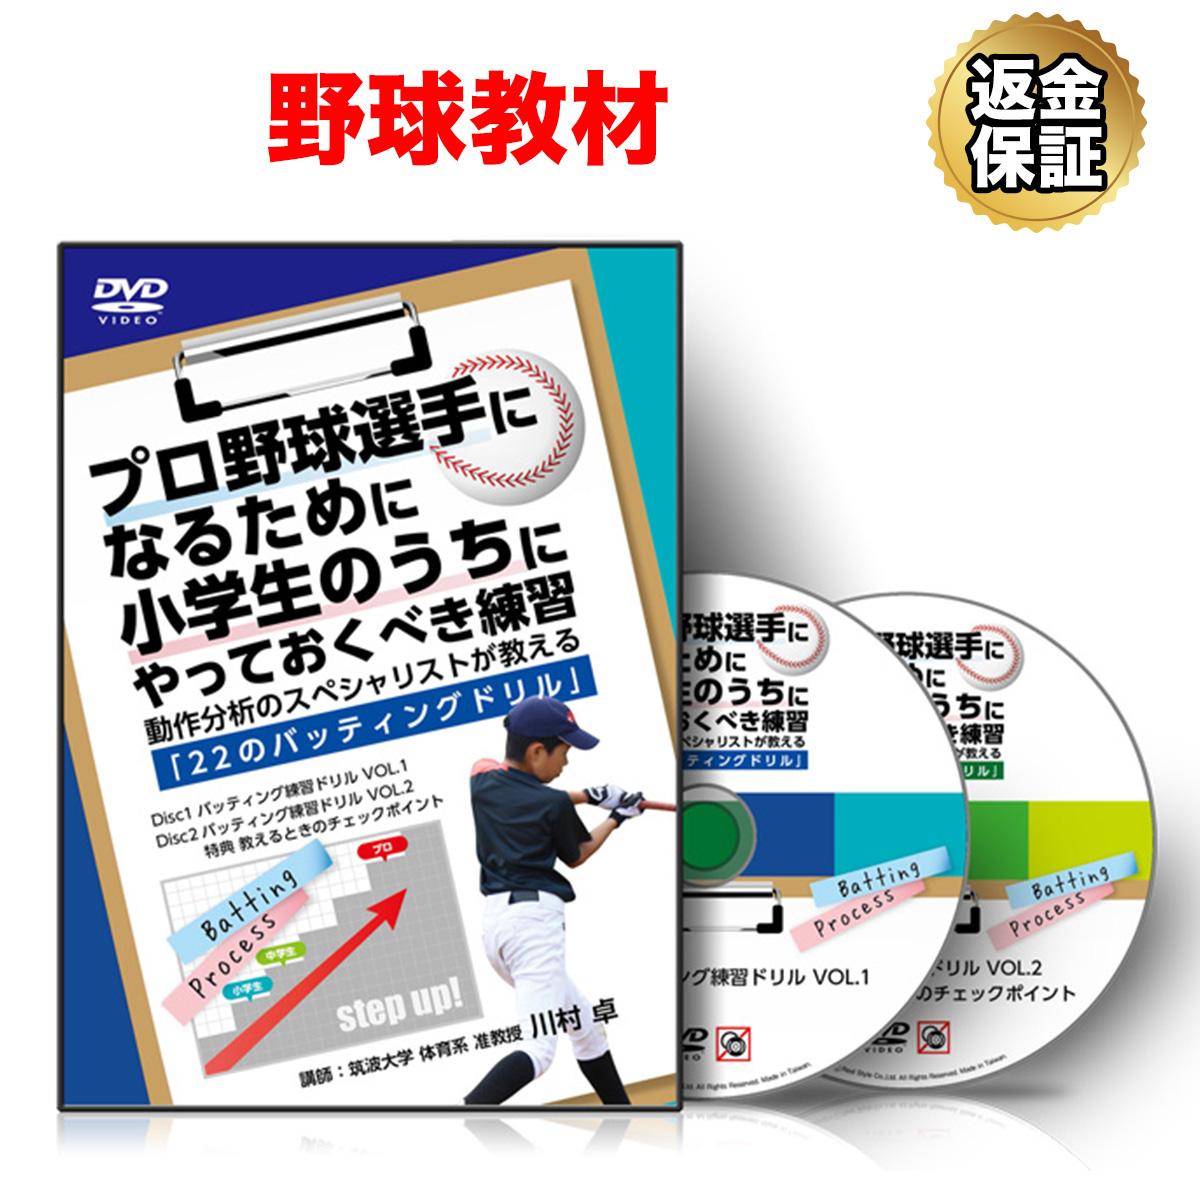 【野球】プロ野球選手になるために小学生のうちにやっておくべき練習~動作分析のスペシャリストが教える「22のバッティングドリル」~